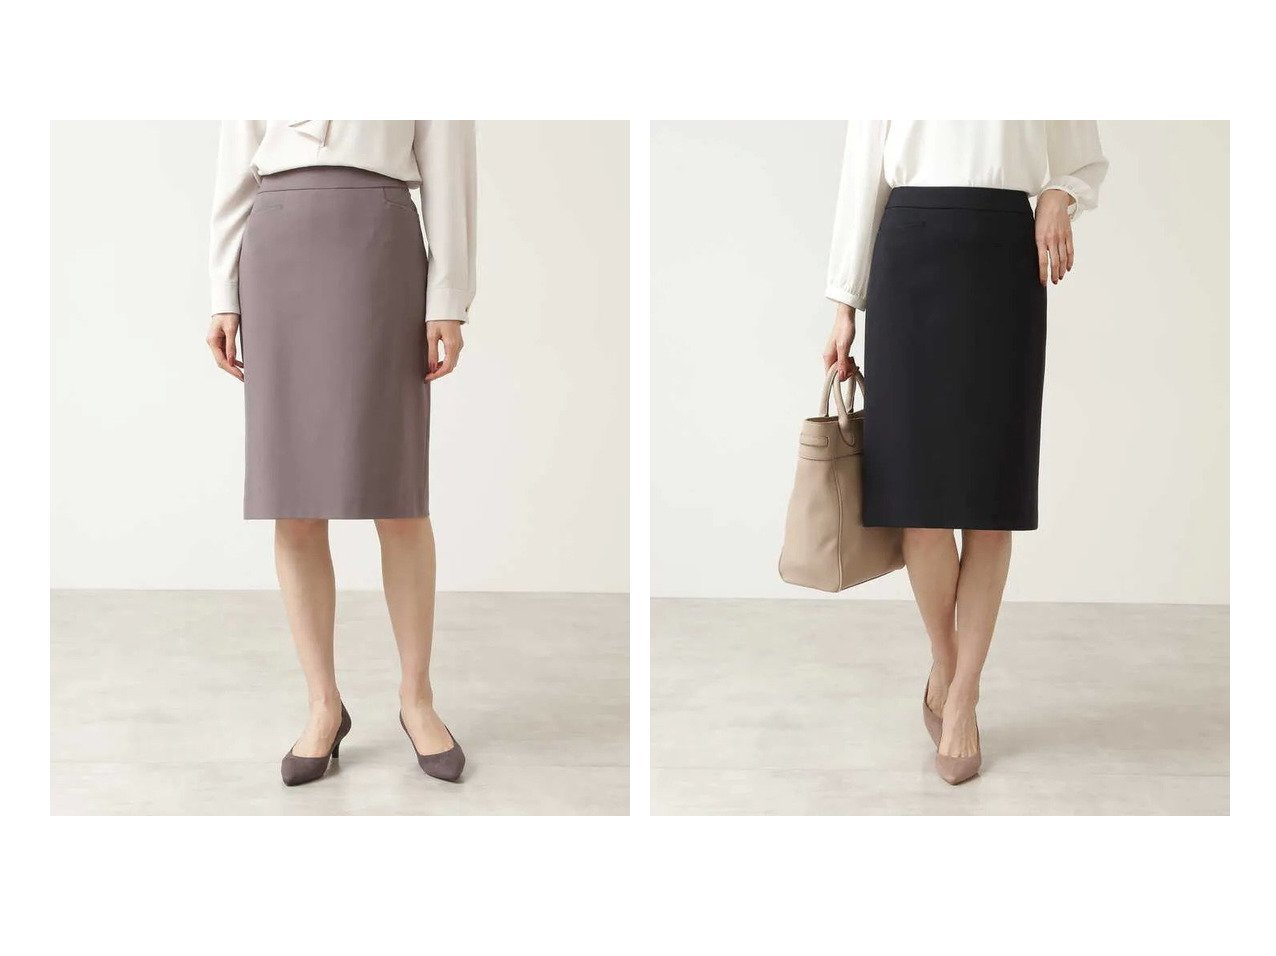 【NATURAL BEAUTY BASIC/ナチュラル ビューティー ベーシック】のコスミカルウォームライトセットアップ スカート 【スカート】おすすめ!人気、トレンド・レディースファッションの通販 おすすめで人気の流行・トレンド、ファッションの通販商品 インテリア・家具・メンズファッション・キッズファッション・レディースファッション・服の通販 founy(ファニー) https://founy.com/ ファッション Fashion レディースファッション WOMEN セットアップ Setup スカート Skirt シンプル ジャケット ストレッチ ストレート セットアップ ポケット  ID:crp329100000065221